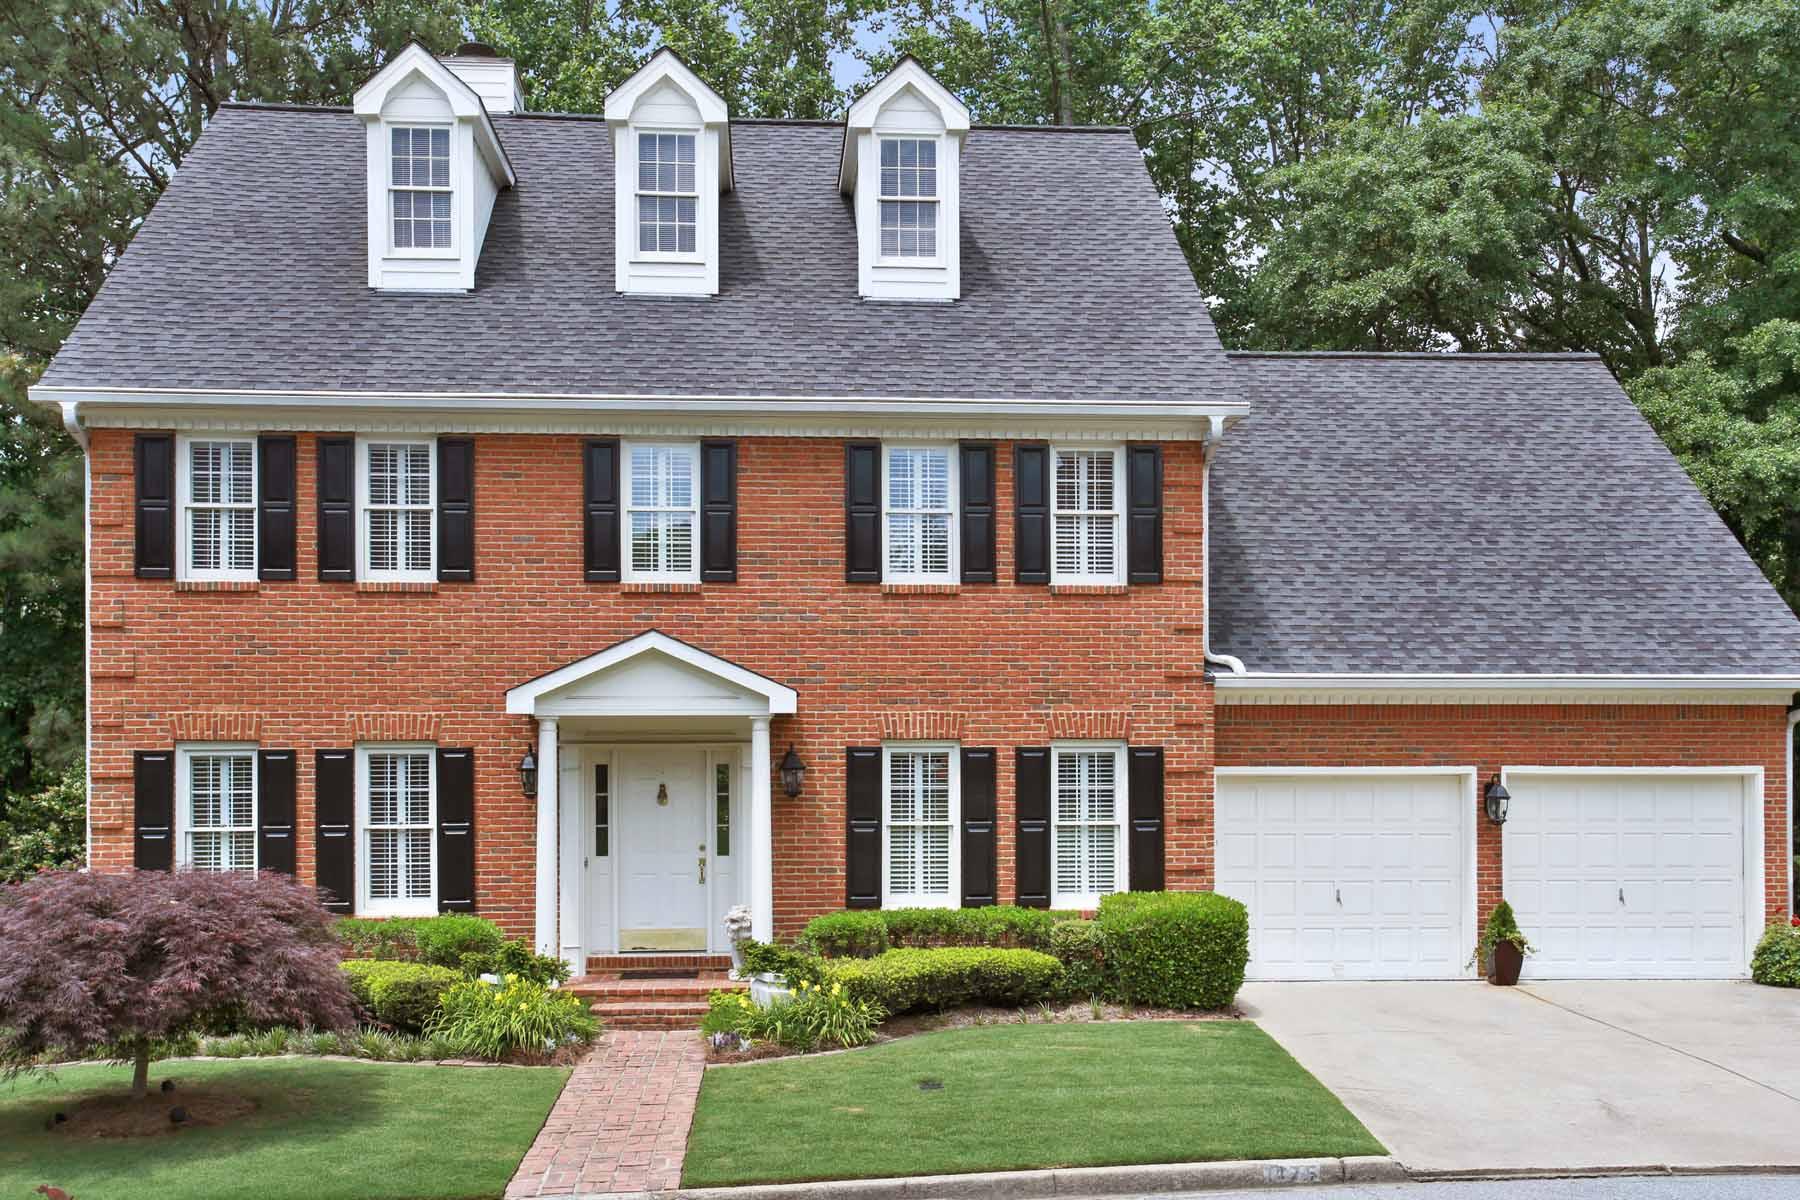 Частный односемейный дом для того Продажа на Intown Living At Its Best 1475 Sheridan Walk NE Atlanta, Джорджия, 30324 Соединенные Штаты